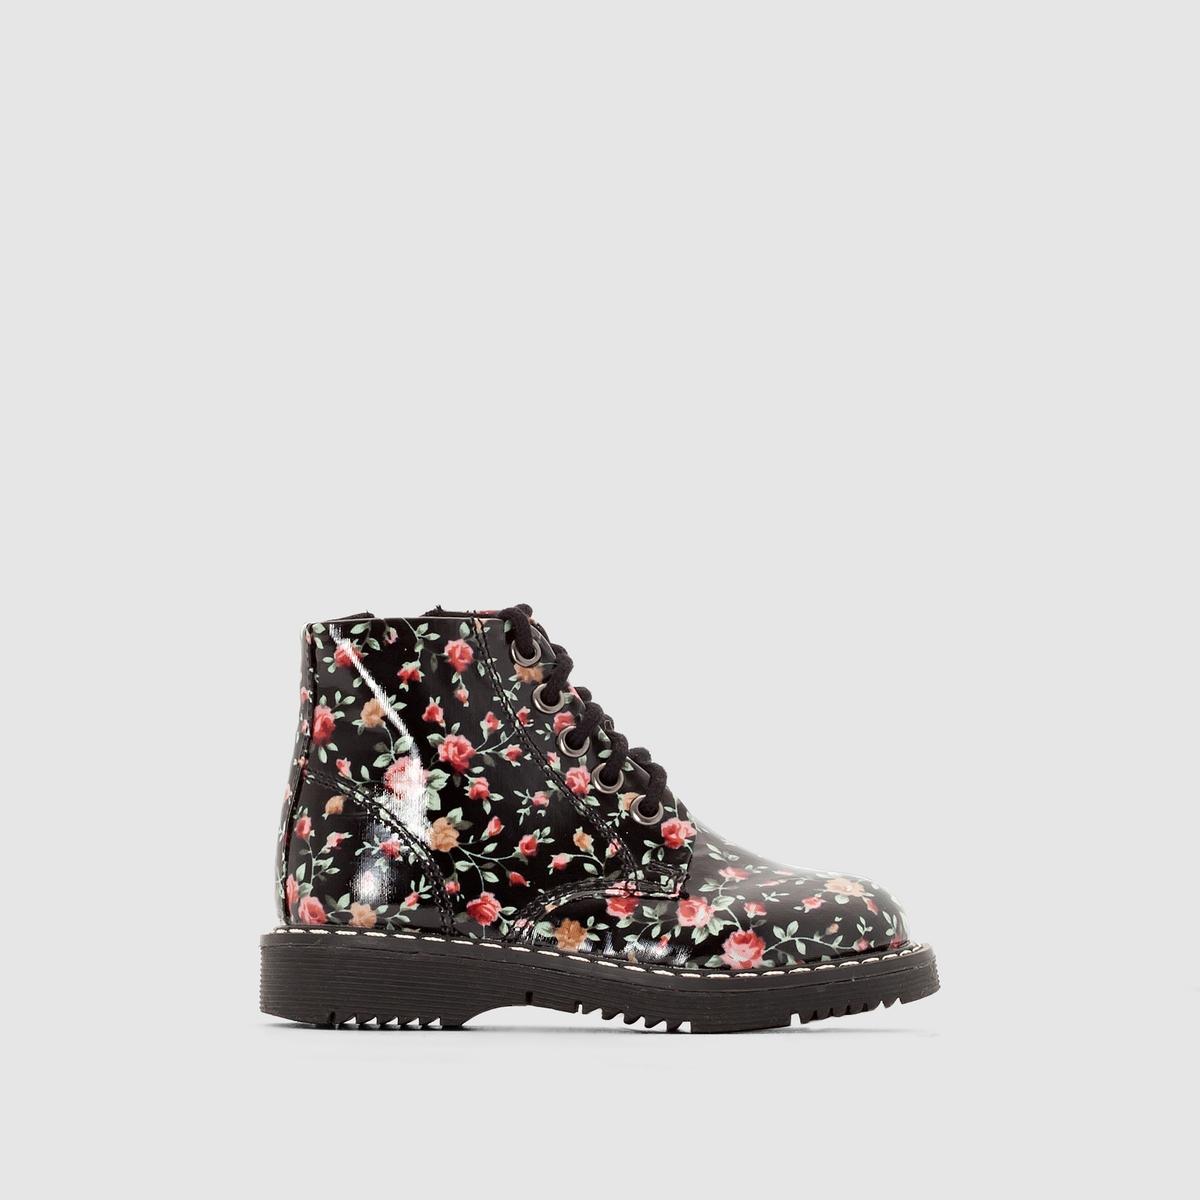 Ботинки лакированные на молнии и шнуровкеПреимущества: очаровательные детские ботинки на шнуровке с оригинальным цветочным узором, крашеными металлическими люверсами и подошвой с декоративными рантами и видимой прострочкой. Детям понравится самостоятельно завязывать эти мягкие шнурки из хлопка.<br><br>Цвет: цветочный рисунок